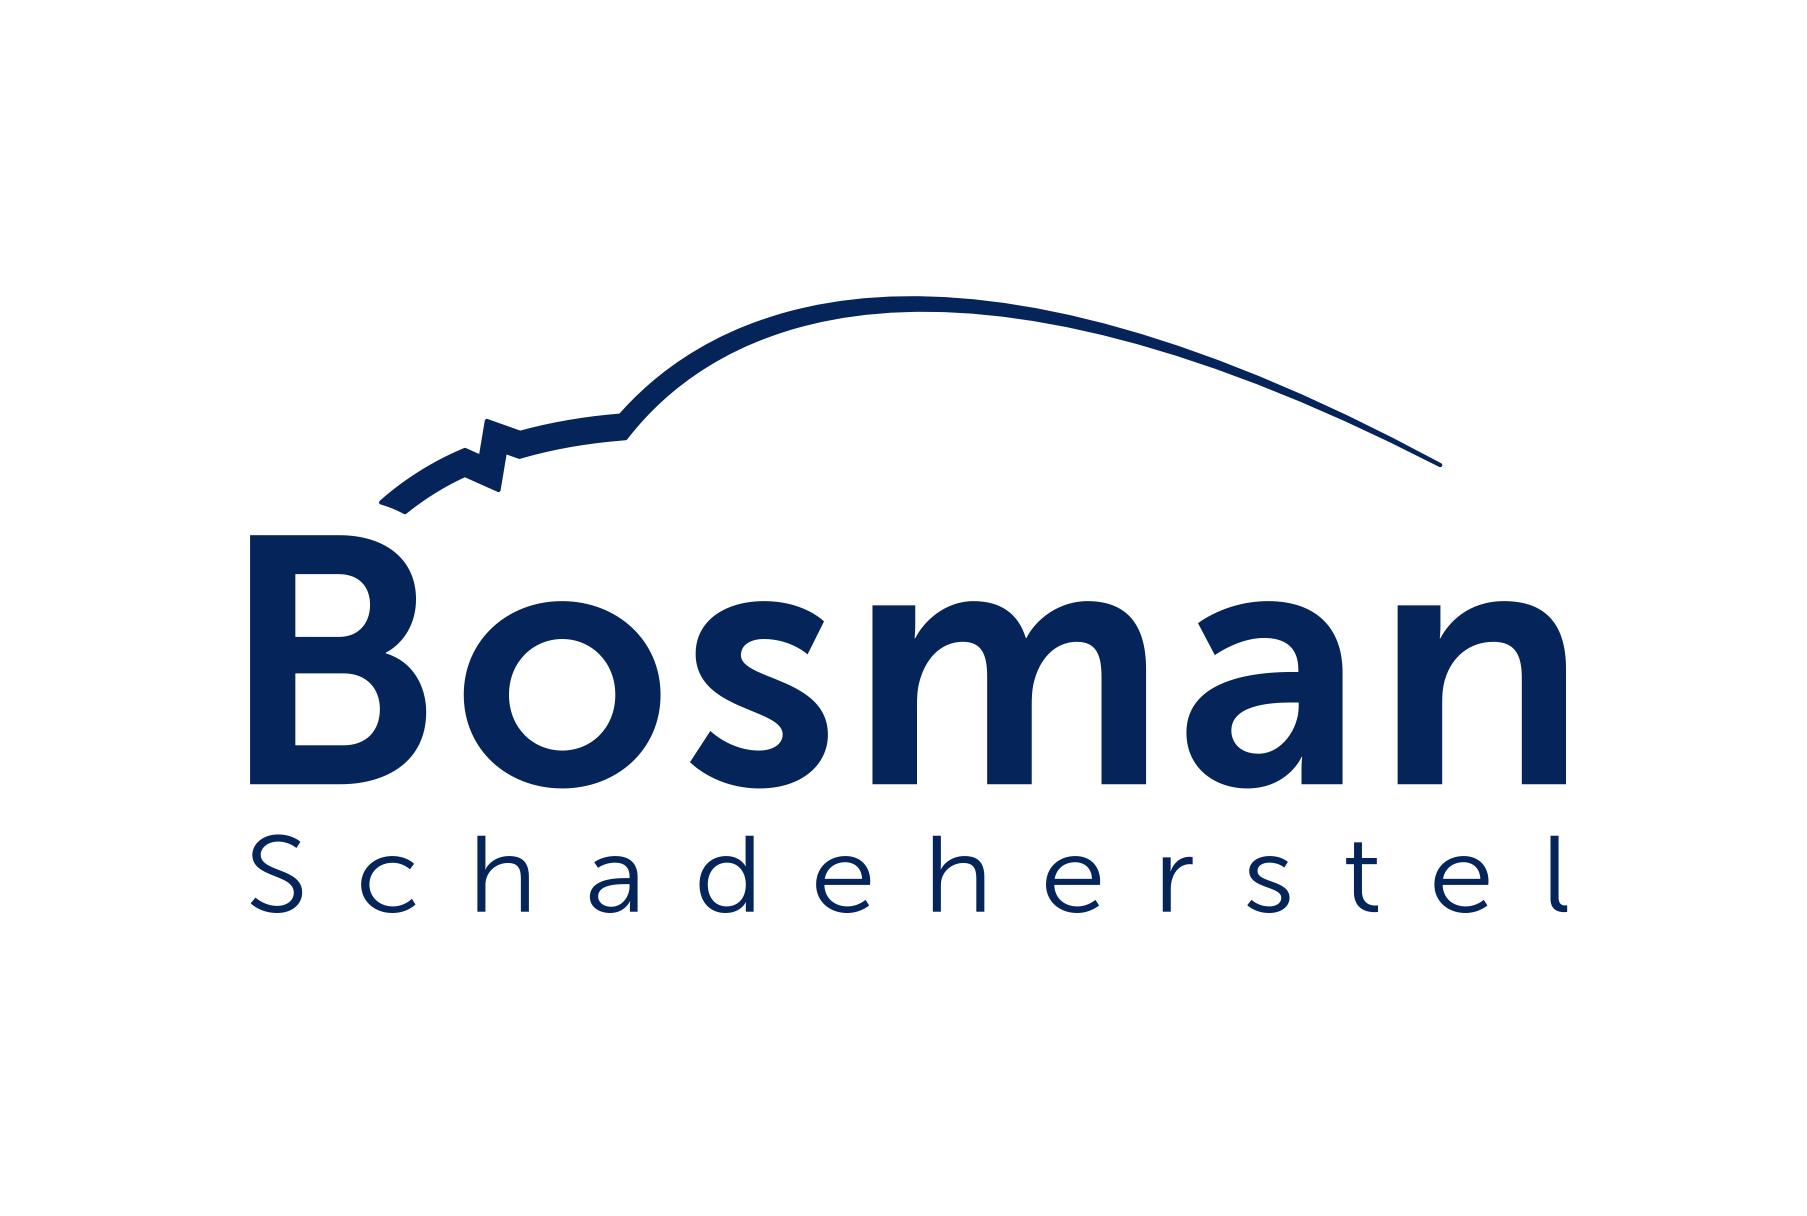 bosman_logo